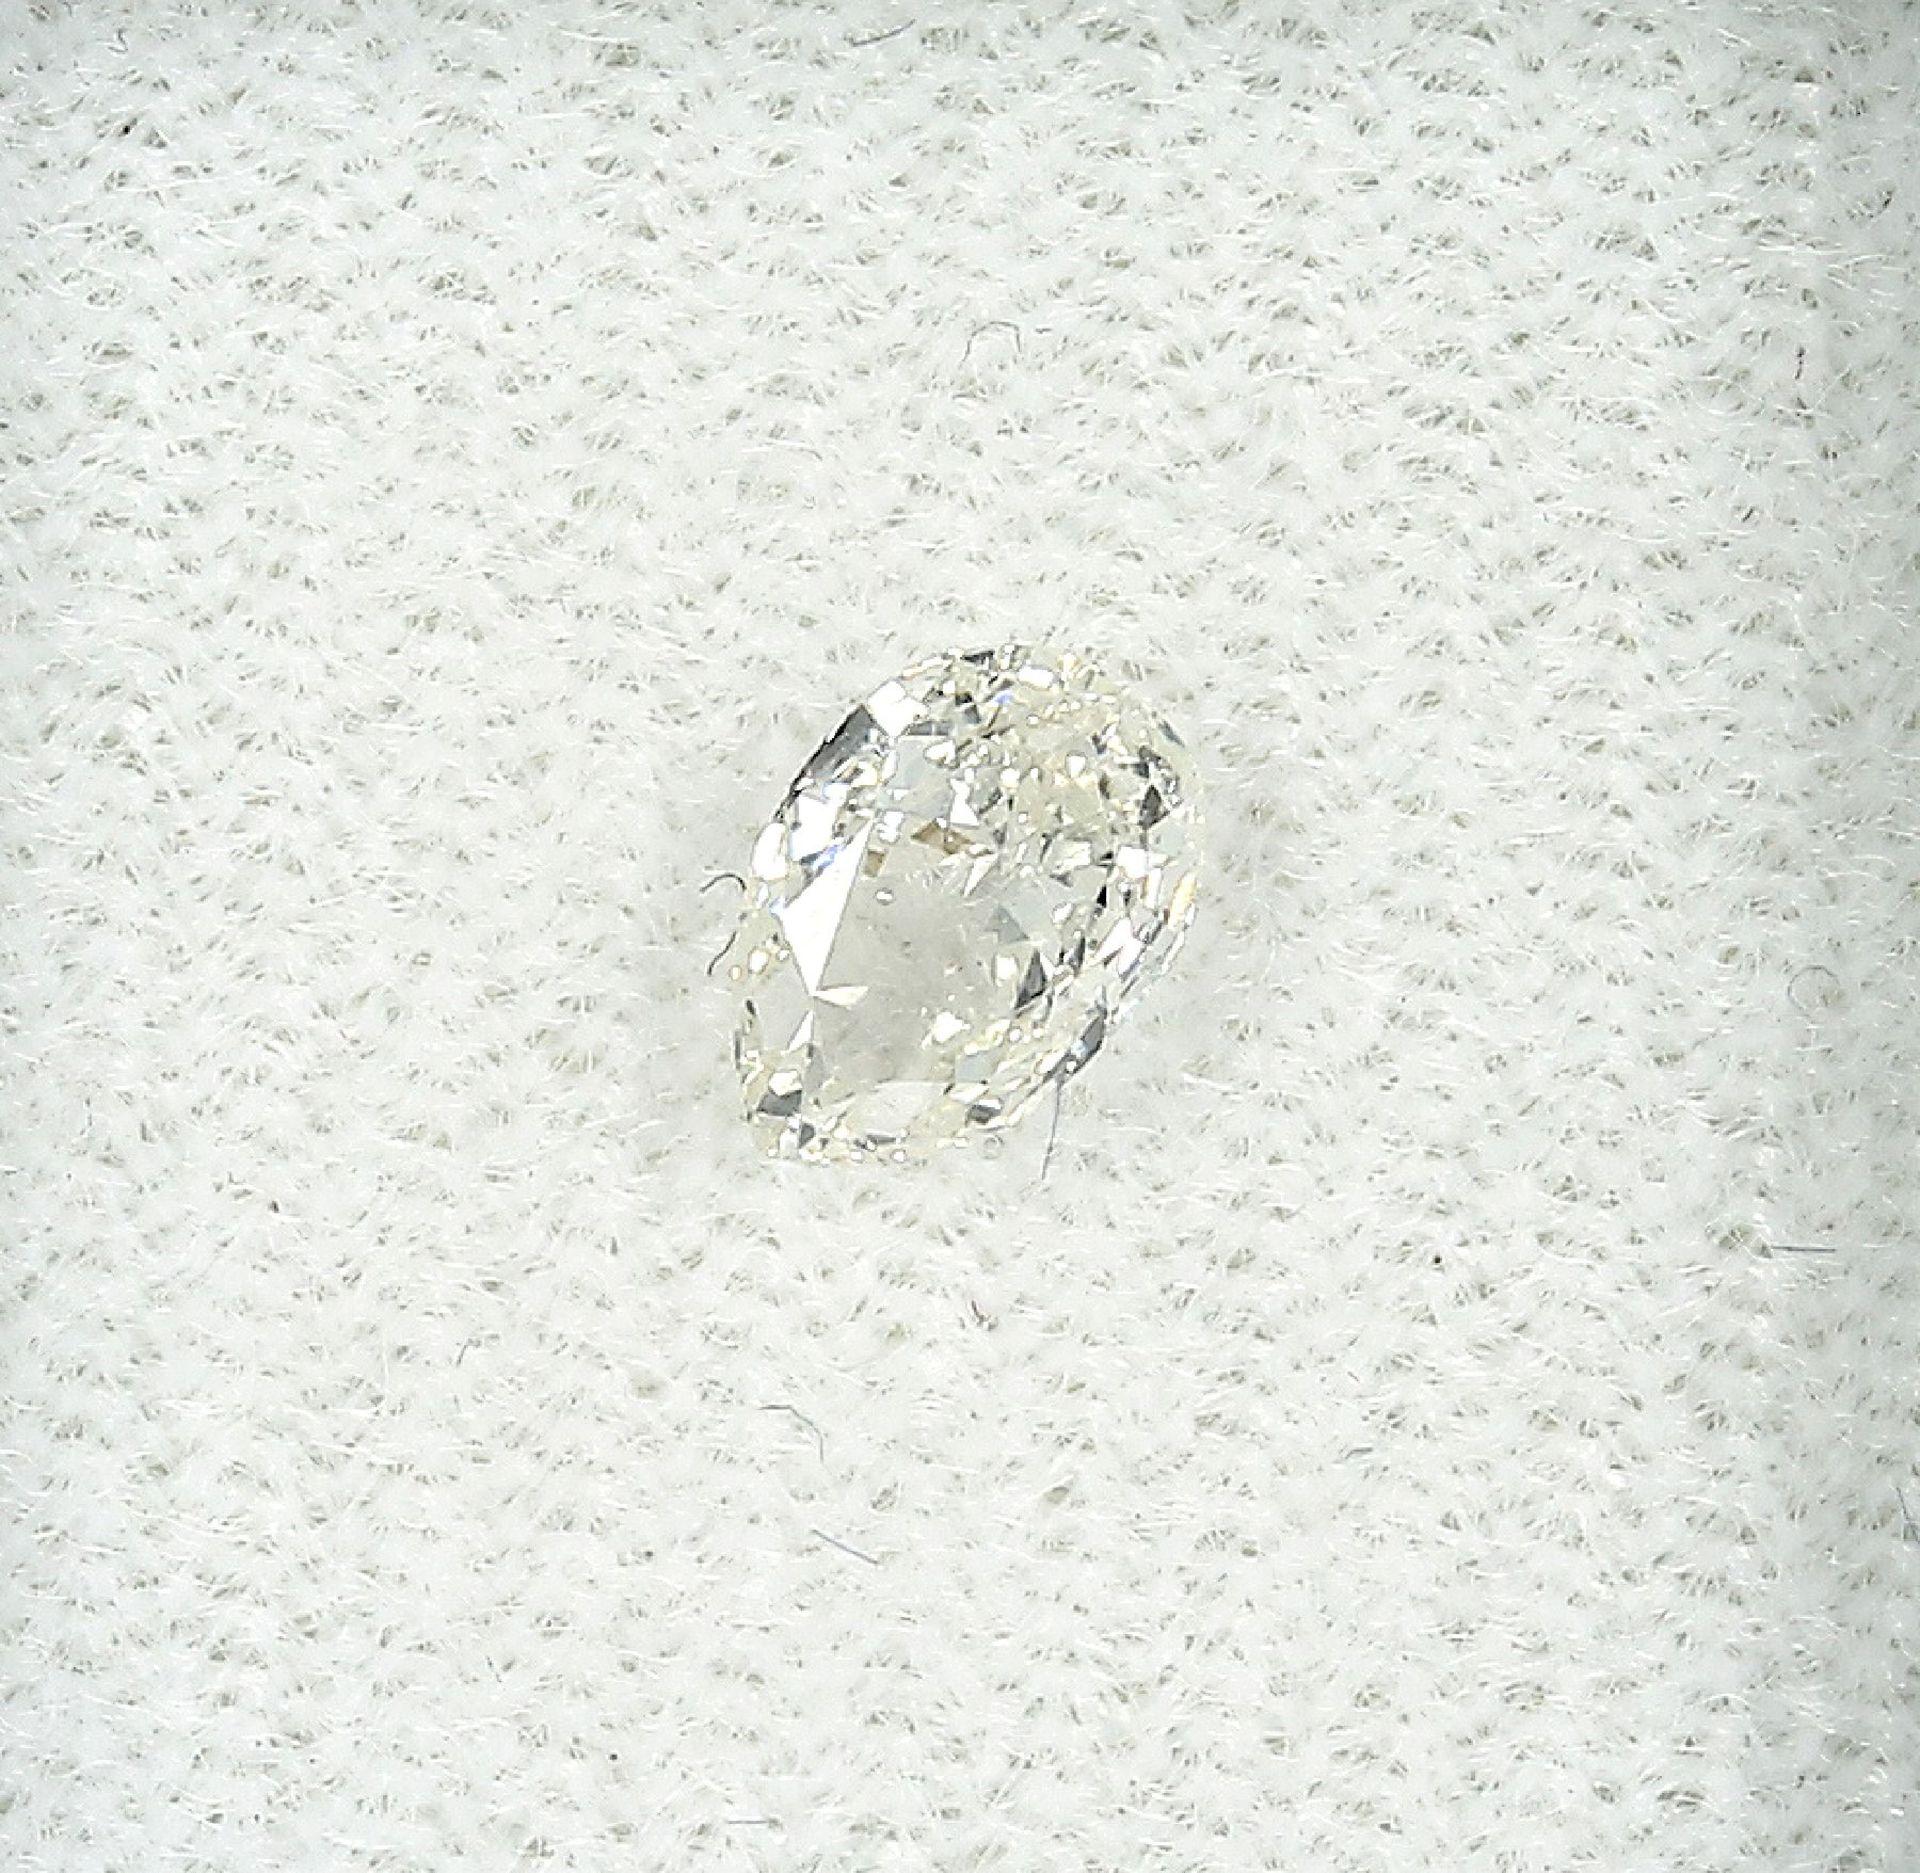 Loser Diamant, 0.51 ct l.get.Weiß+(I)/vvs2,tropfenf. facett., mit HRD-Expertise Schätzpreis: 1485, -